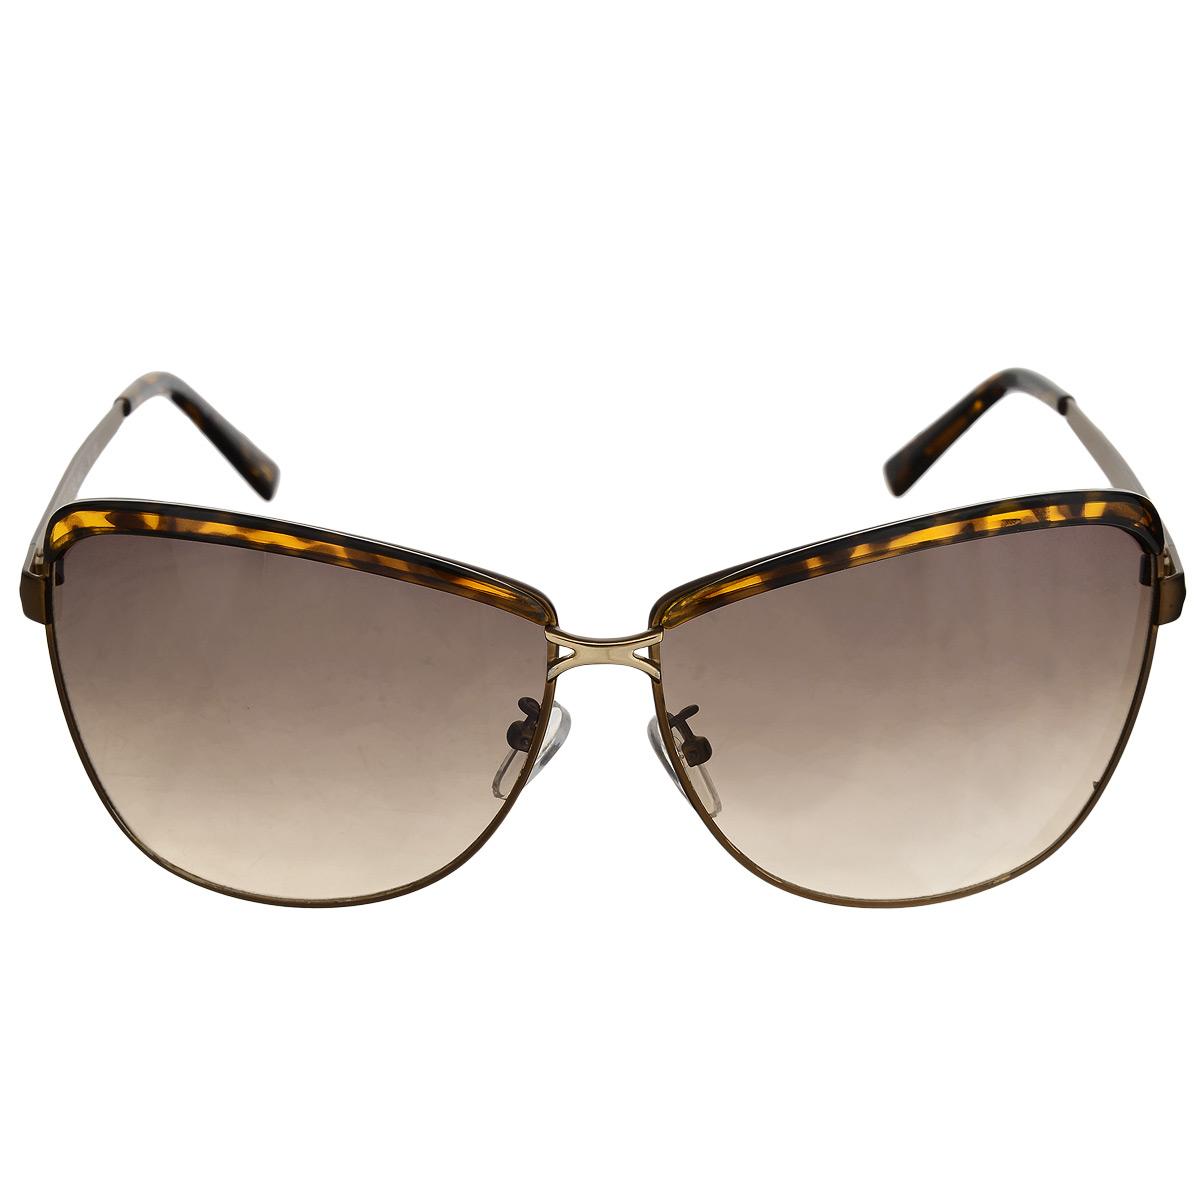 Солнцезащитные очки женские Selena, цвет: коричневый. 8002472180024721Солнцезащитные женские очки Selena, выполненные с линзами из высококачественного пластика PC с зеркальным эффектом fresh mirror. Используемый пластик не искажает изображение, не подвержен нагреванию и вредному воздействию солнечных лучей. Линзы данных очков с высокоэффективным UV-фильтром обеспечивают полную защиту от ультрафиолетовых лучей. Металлическая оправа очков легкая, прилегающей формы и поэтому не создает никакого дискомфорта. Такие очки защитят глаза от ультрафиолетовых лучей, подчеркнут вашу индивидуальность и сделают ваш образ завершенным.